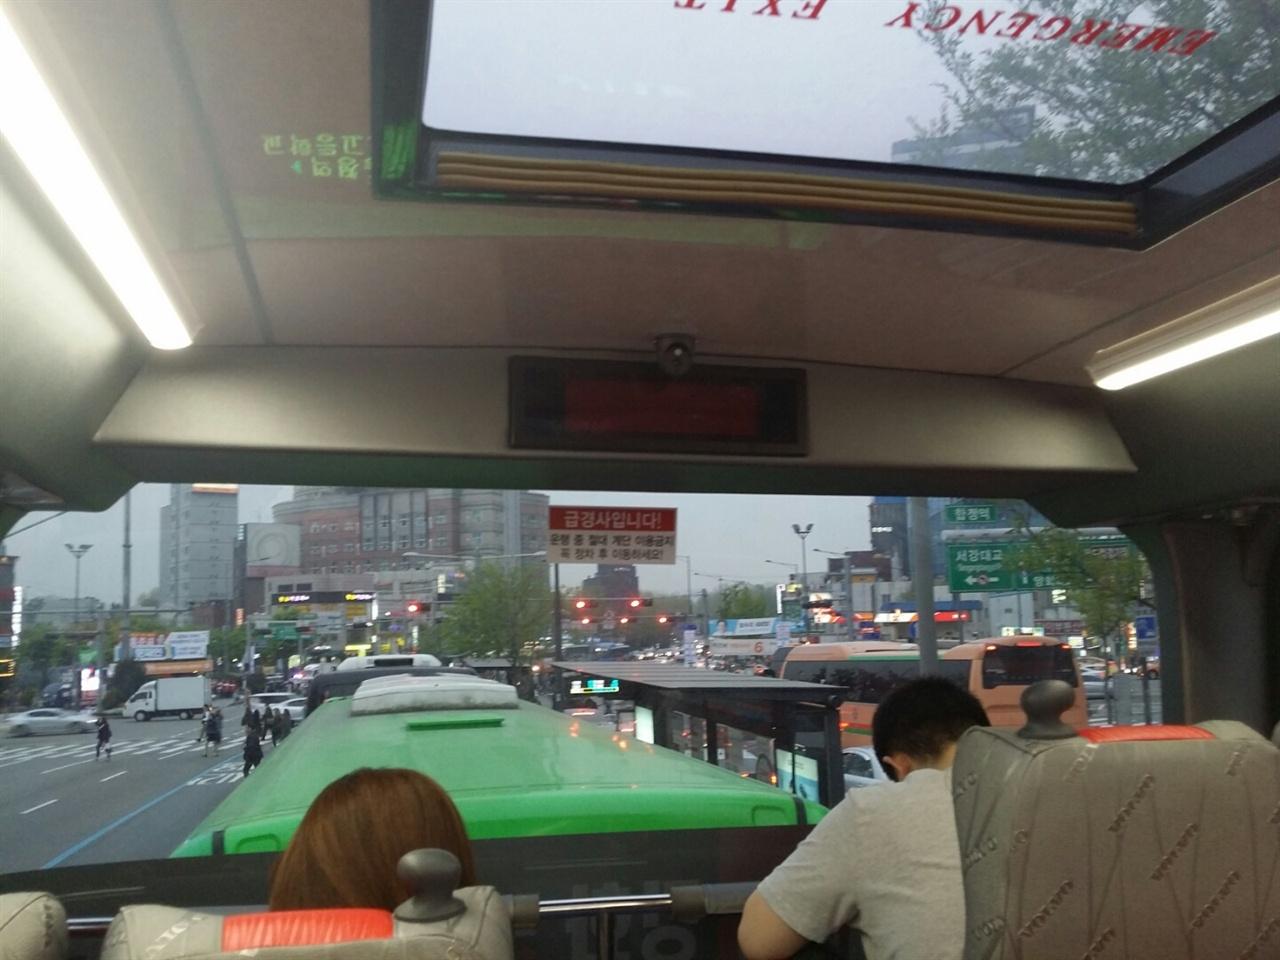 3000A번 2층 버스를 타면 서울의 지붕에 앉은 듯한 느낌이 든다.